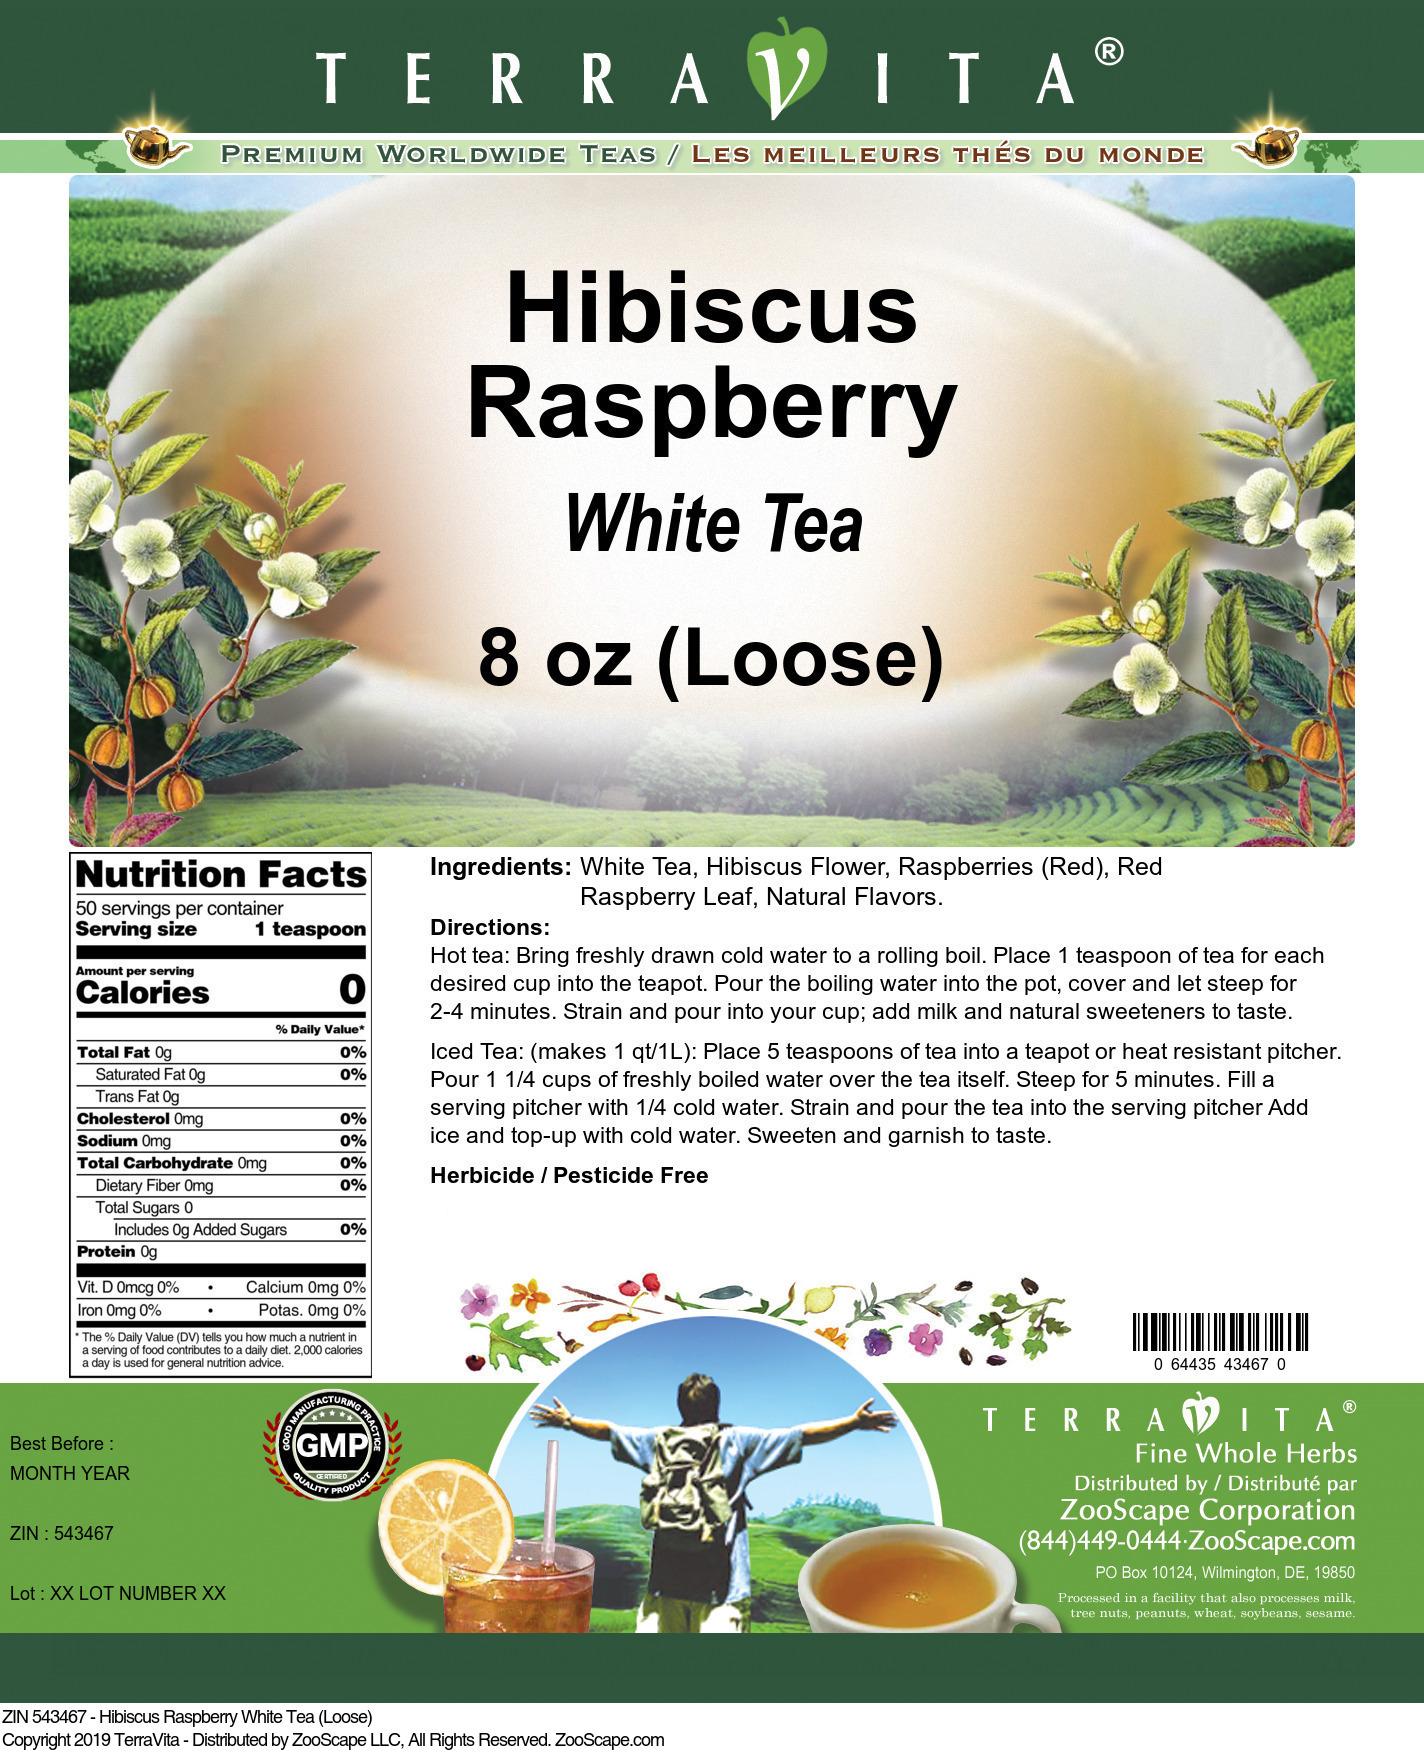 Hibiscus Raspberry White Tea